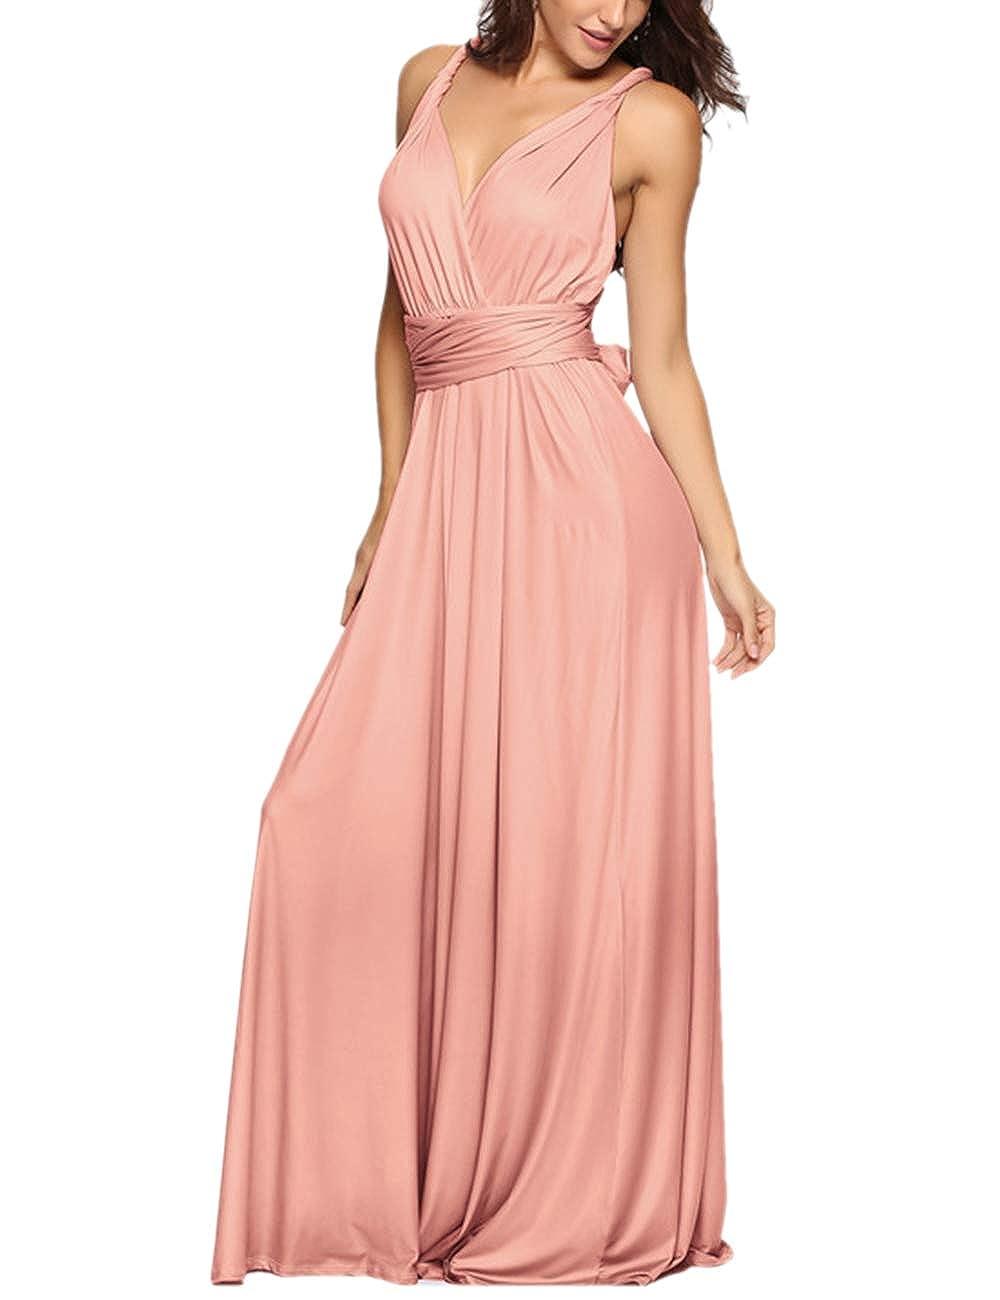 TALLA XL. EMMA Mujeres Falda Larga de Cóctel Vestido de Noche Dama de Honor Elegante sin Respaldo Rosa XL